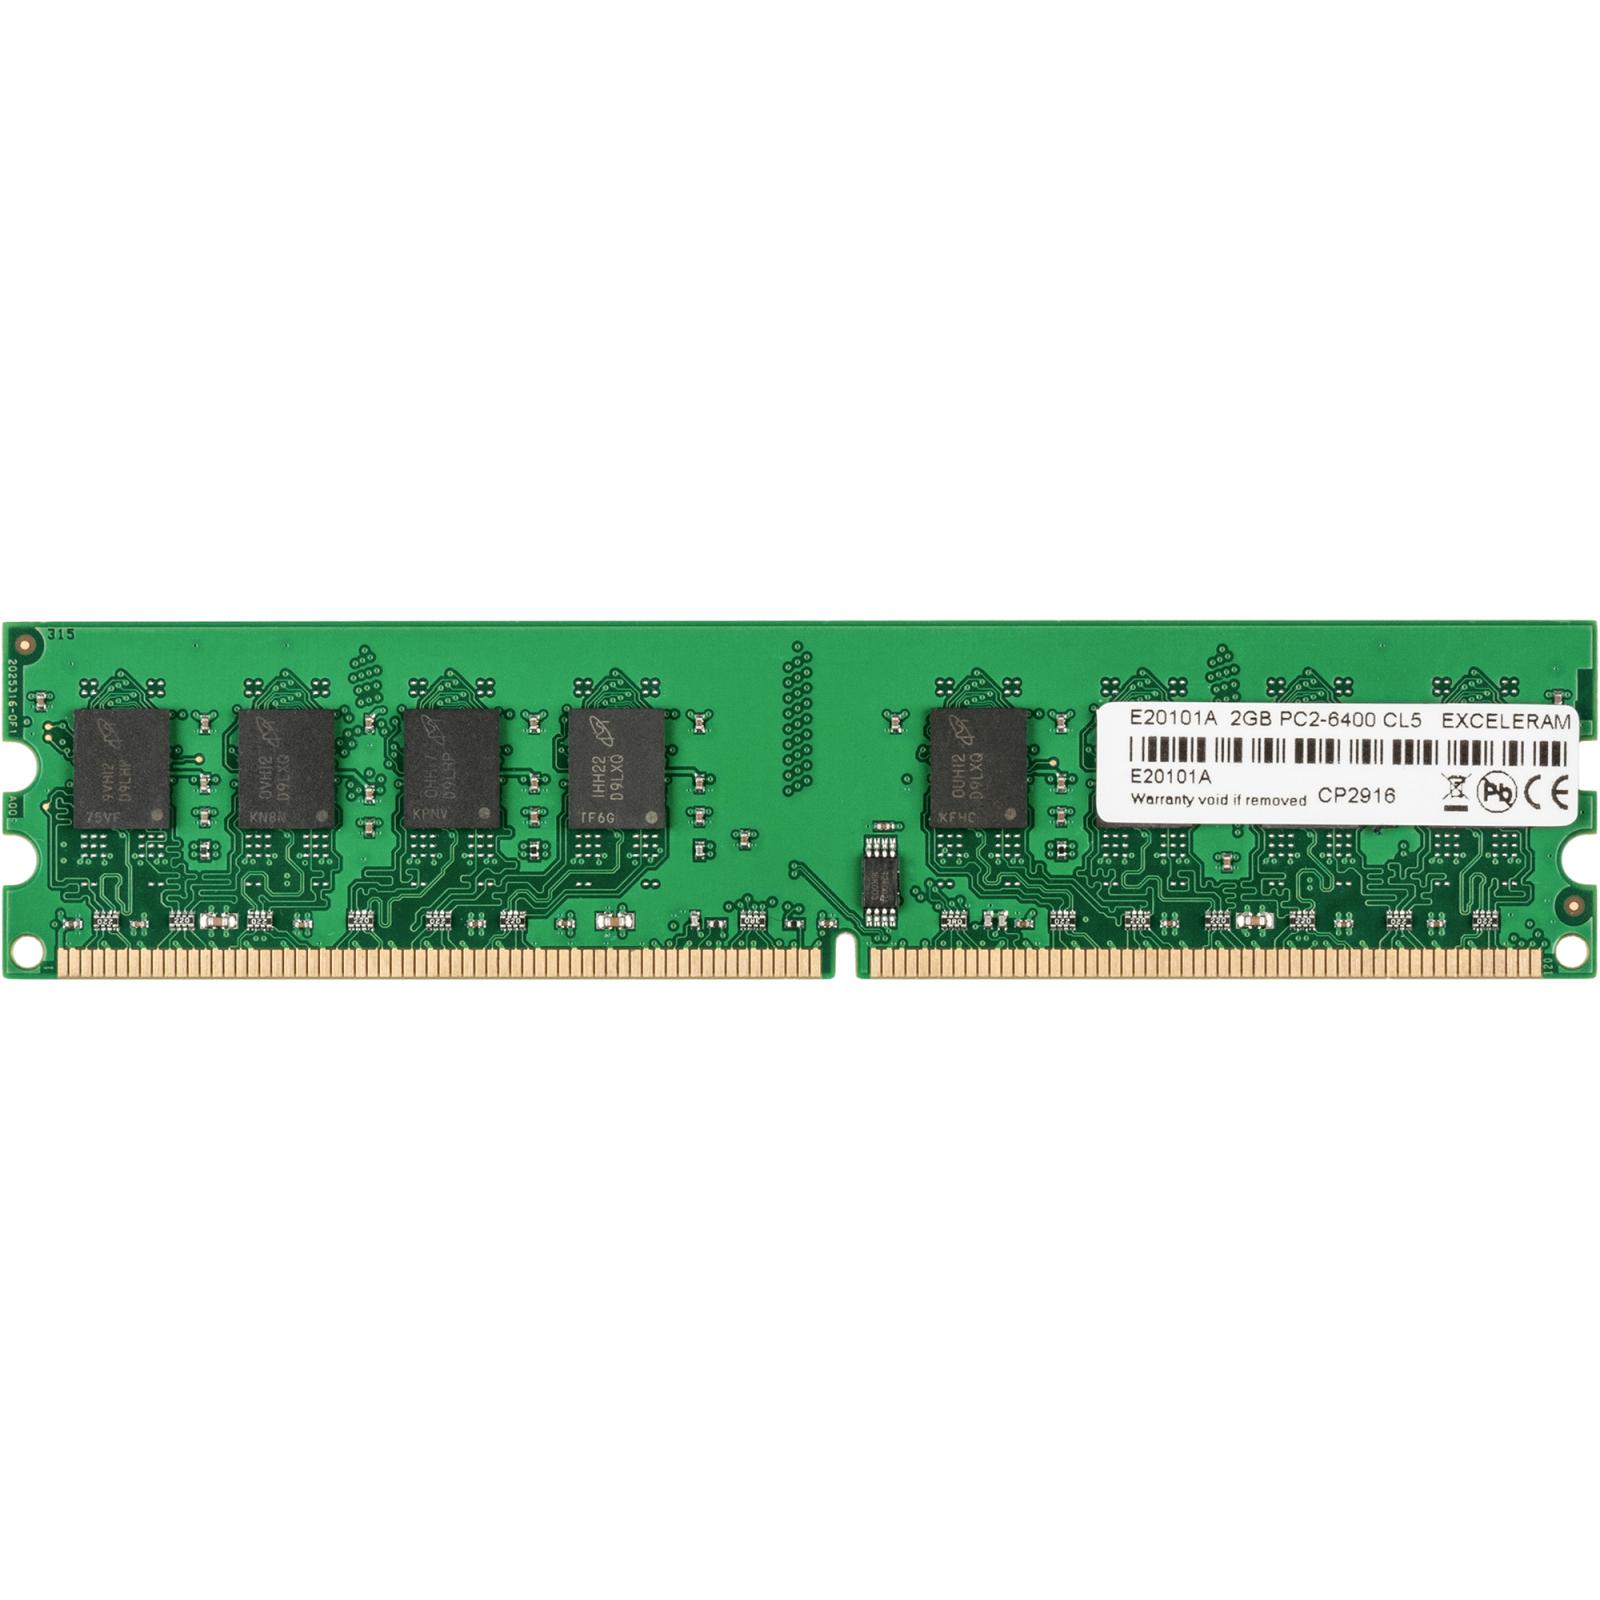 Модуль памяти для компьютера eXceleram DDR2 2GB 800 MHz (E20101A)